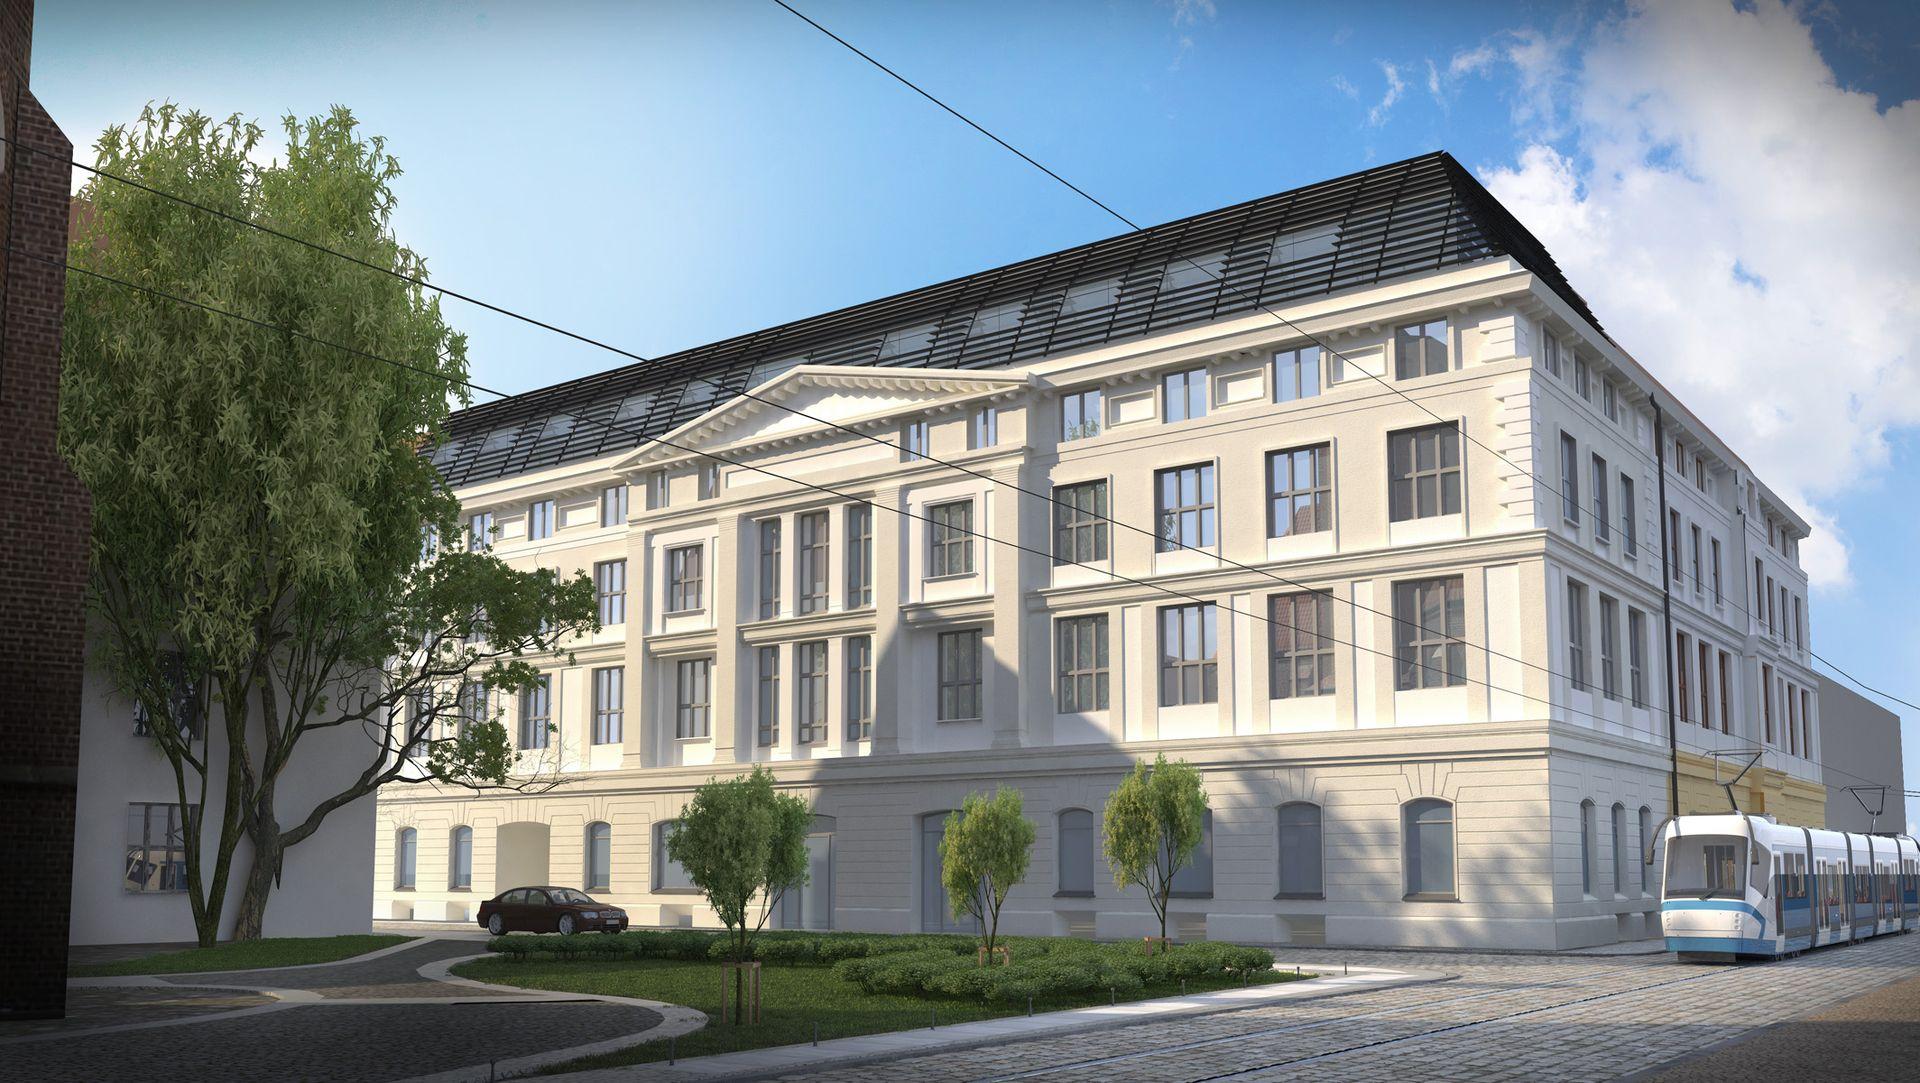 [Wrocław] Luksusowy hotel w zabytkowej Farmacji przy placu Nankiera [WIZUALIZACJE]